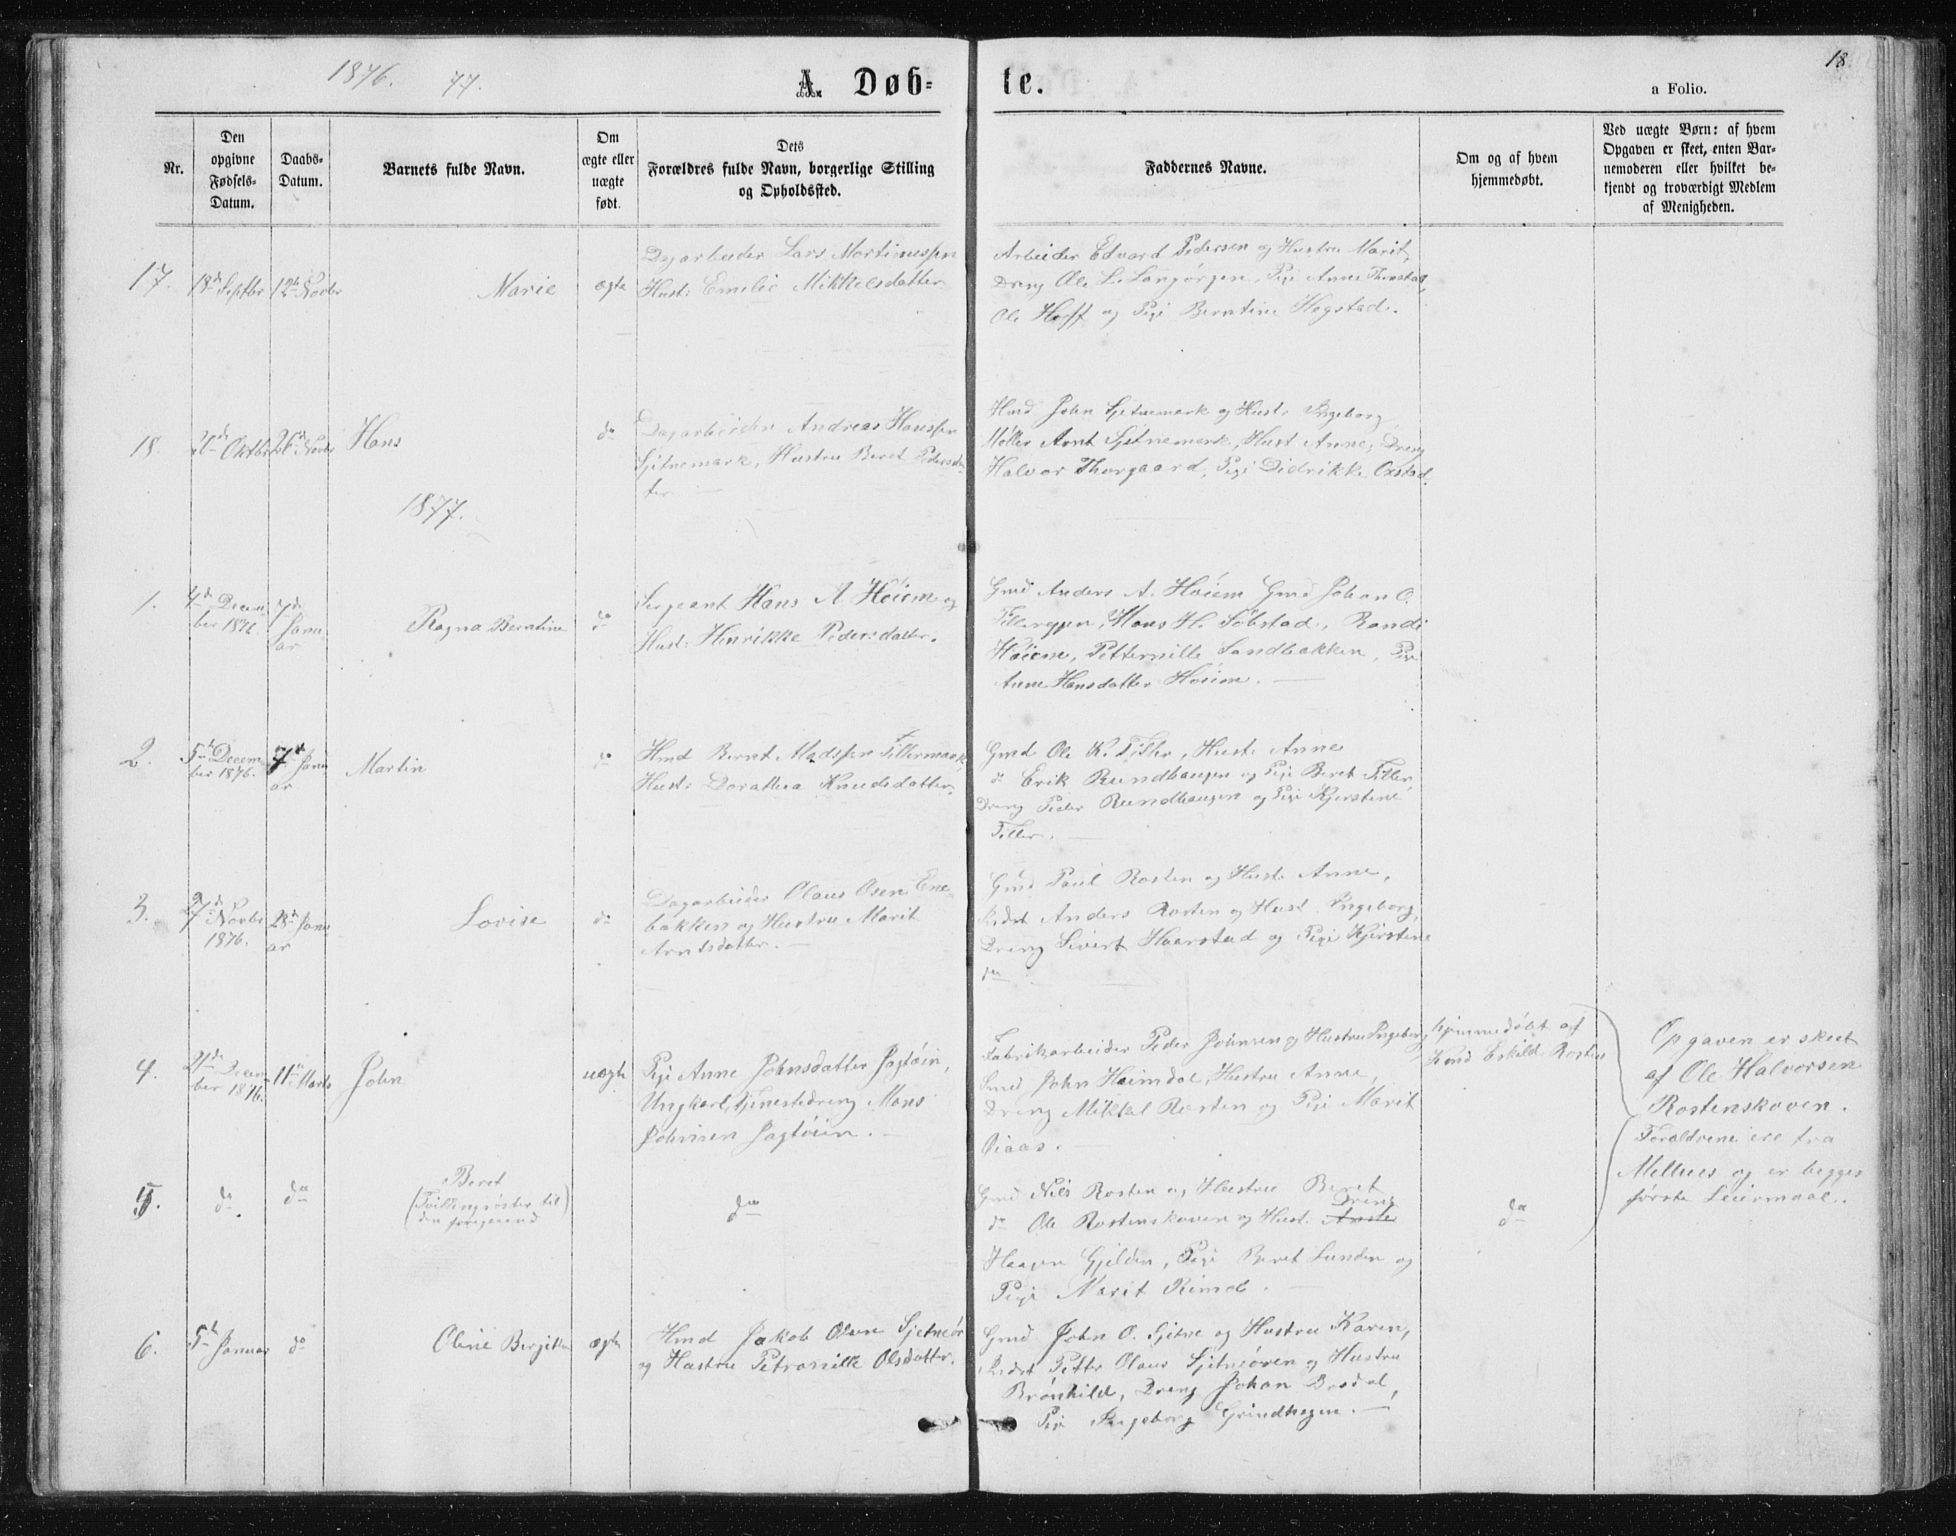 SAT, Ministerialprotokoller, klokkerbøker og fødselsregistre - Sør-Trøndelag, 621/L0459: Klokkerbok nr. 621C02, 1866-1895, s. 18